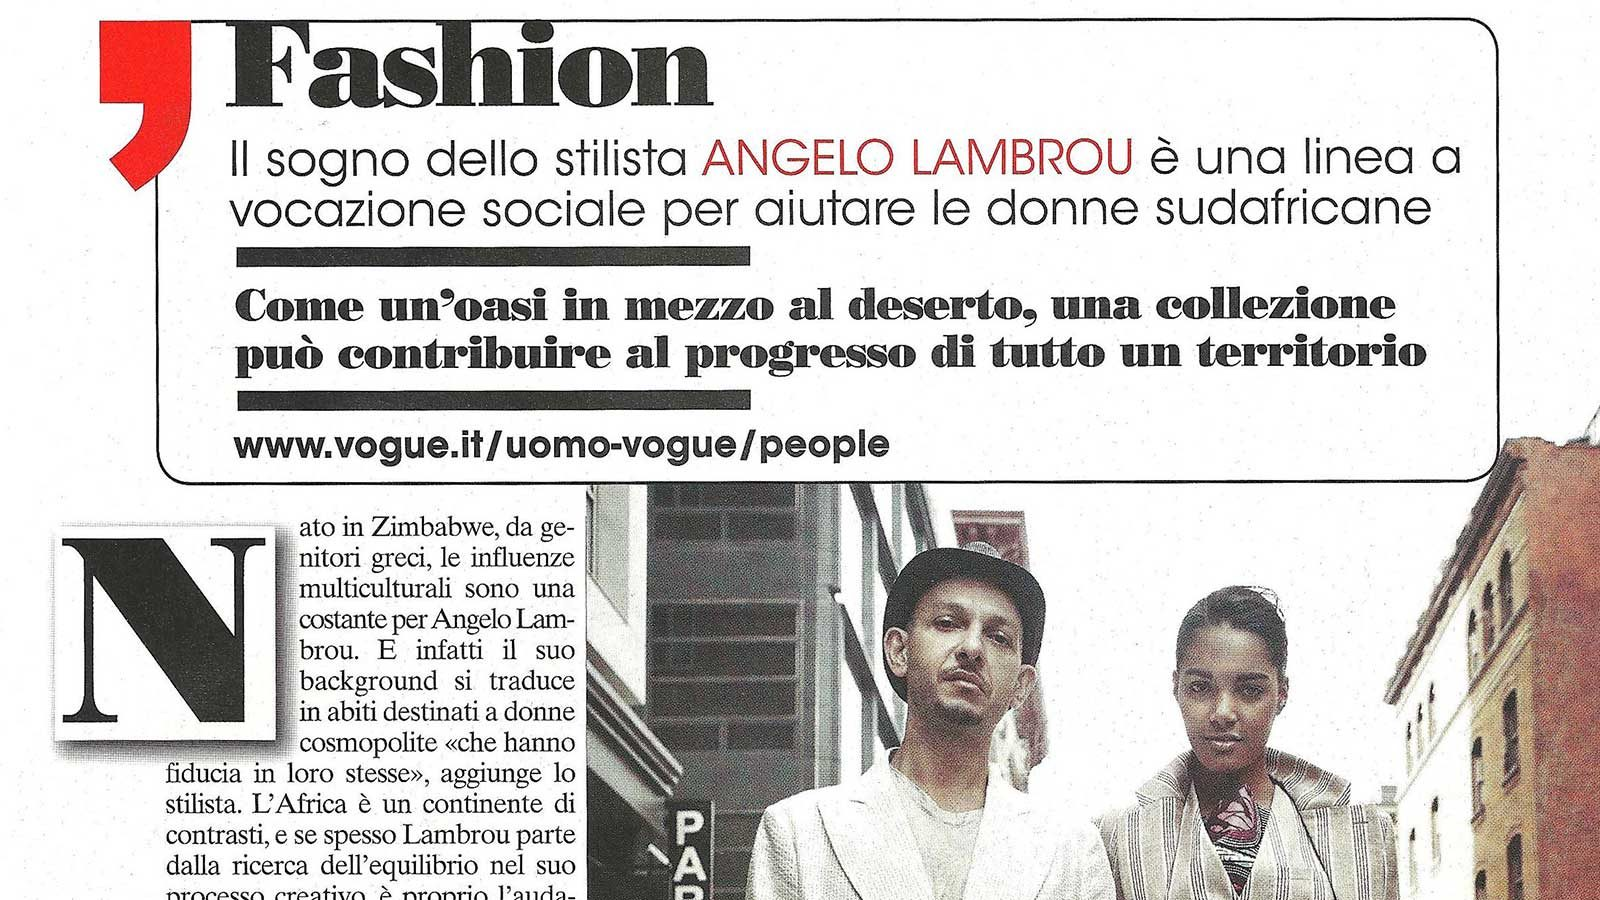 Vogue Italia Featured Image